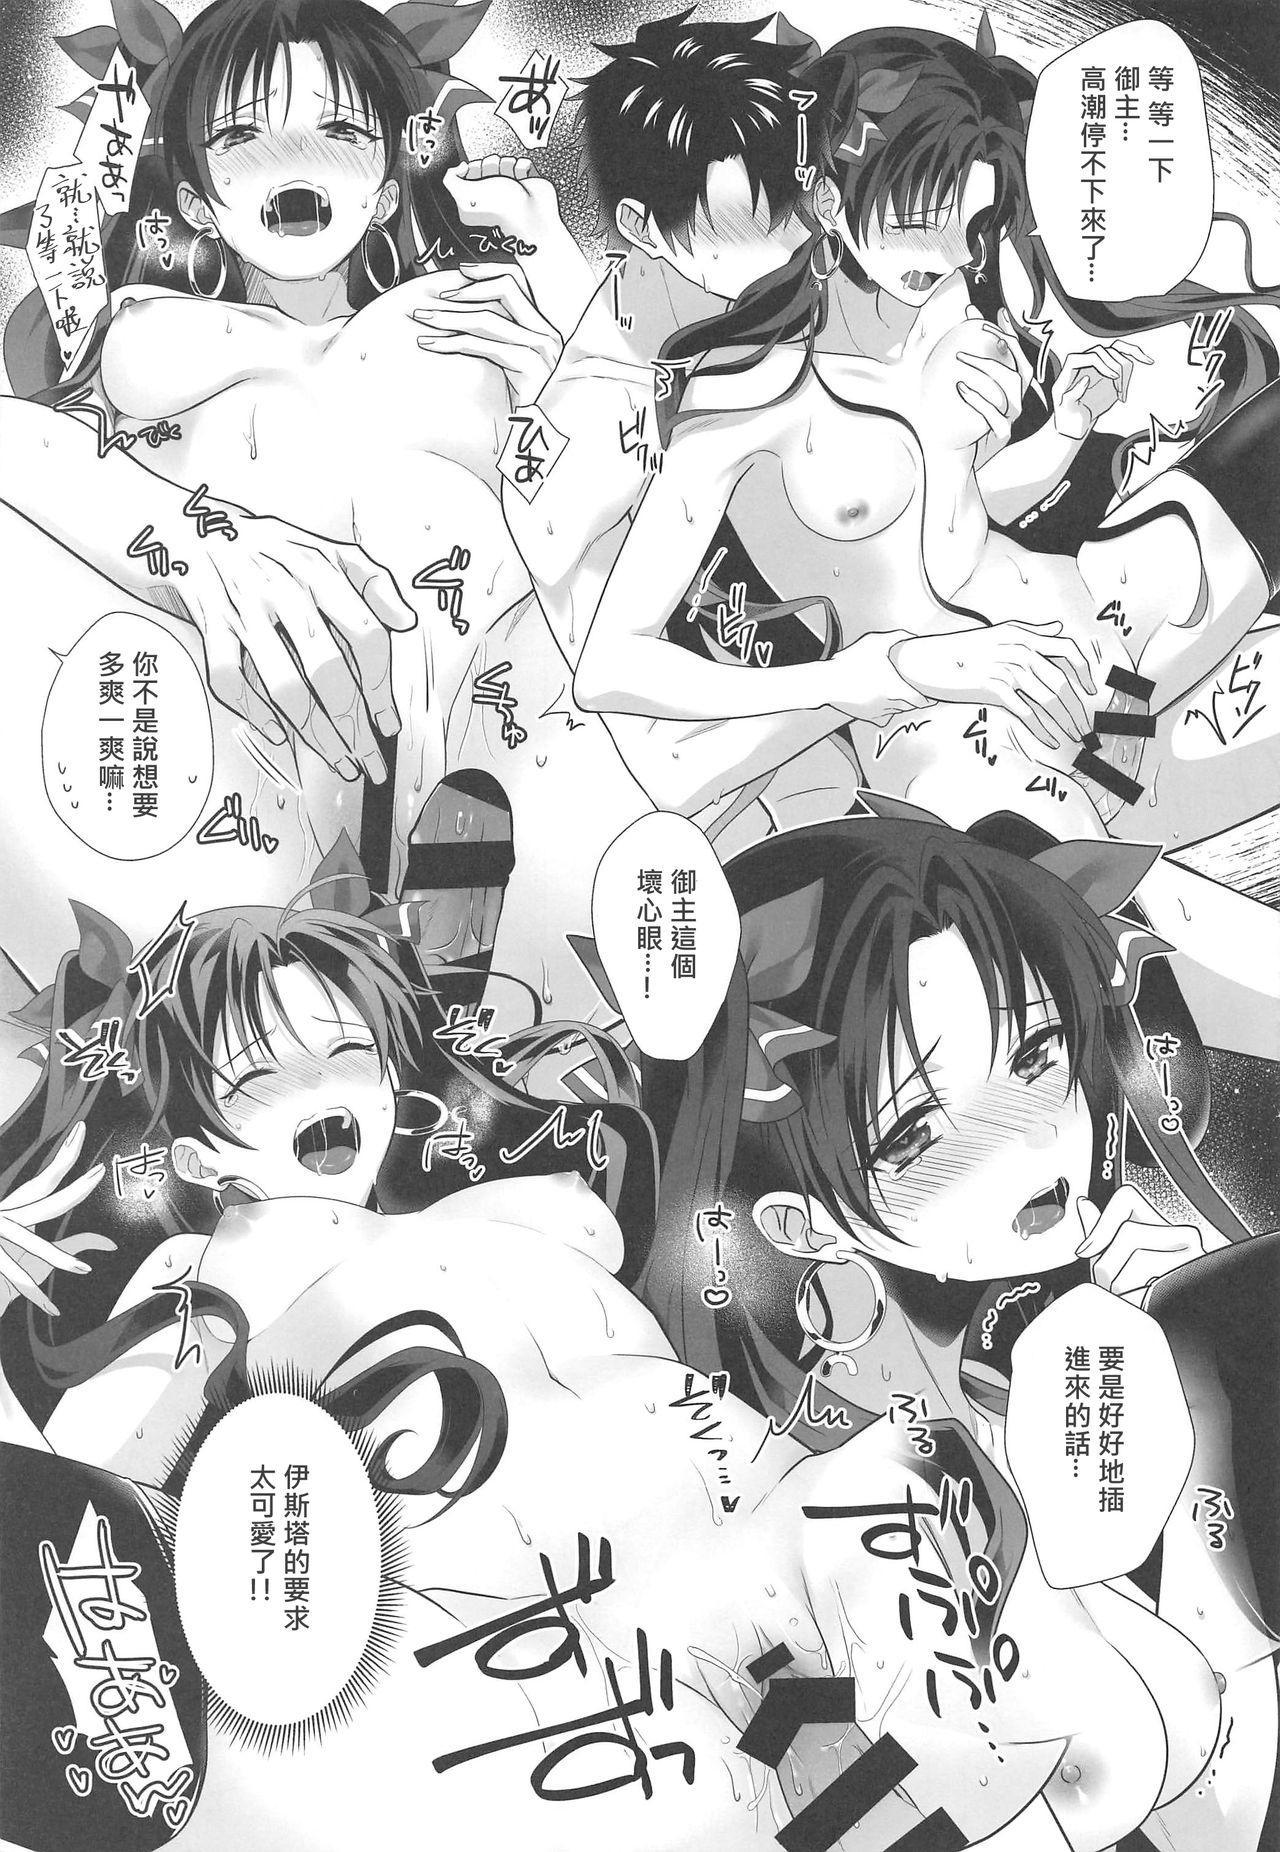 Kimi to Seinaru Yoru ni 15